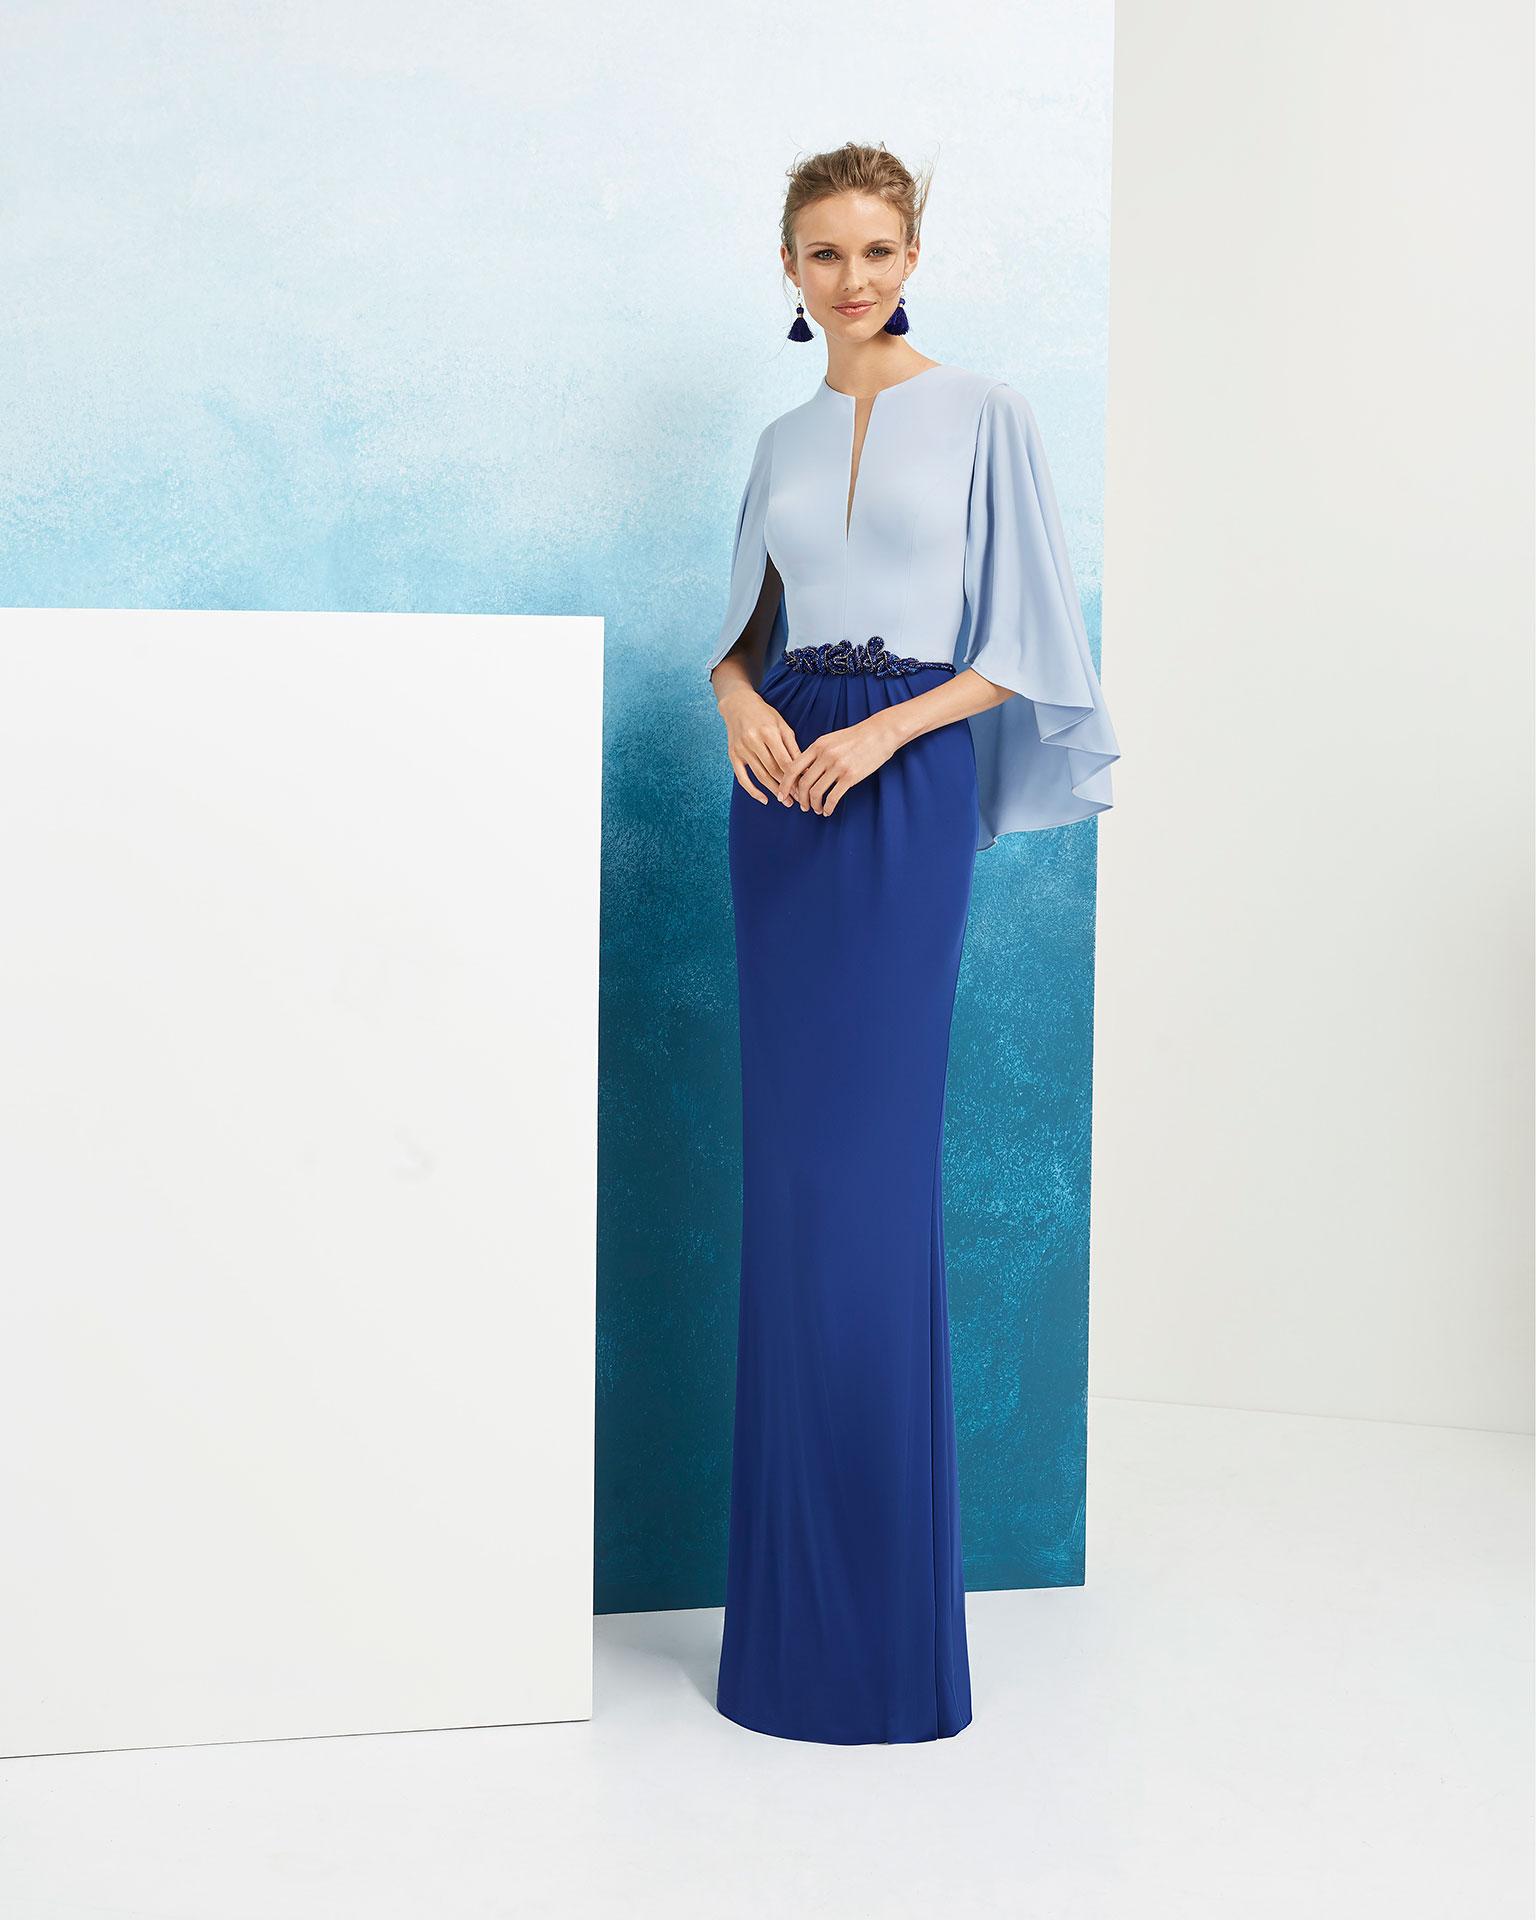 Vestido de fiesta de crepe y pedrería. Con mangas capelinas. Disponible en color Colección AIRE_BARCELONA_FIESTA 2019.